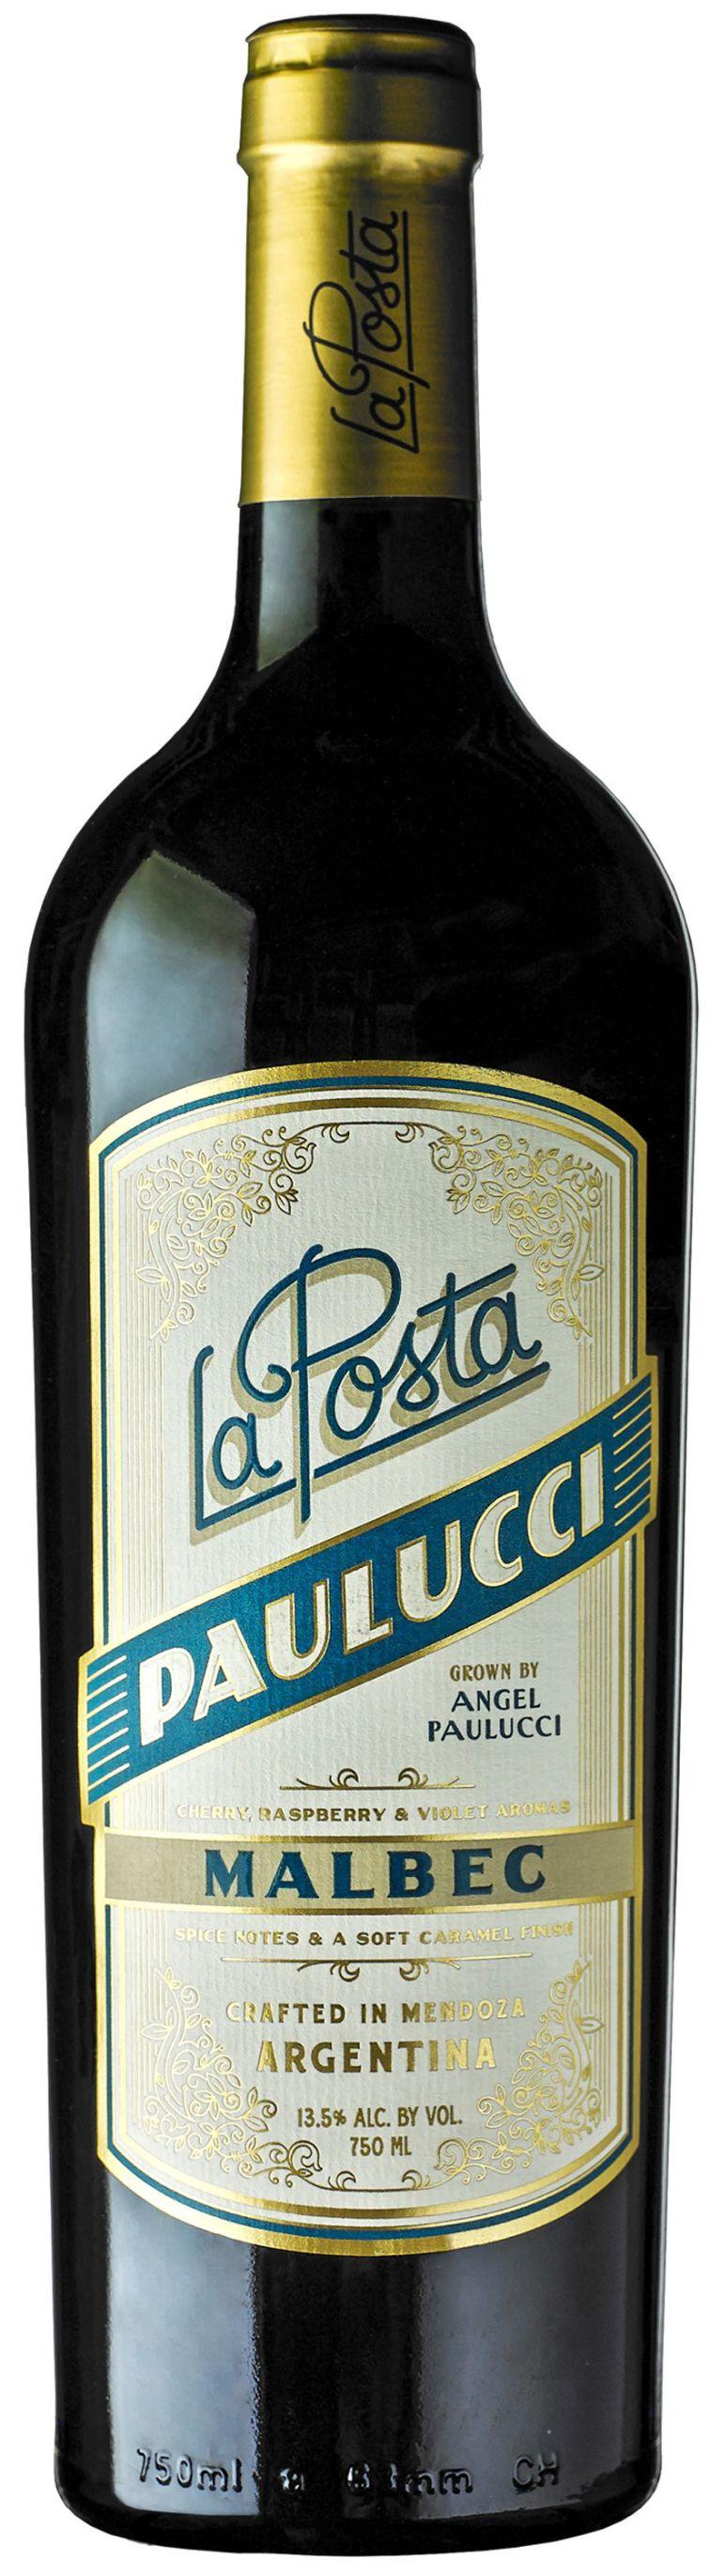 2013 La Posta Paulucci Malbec_lowres